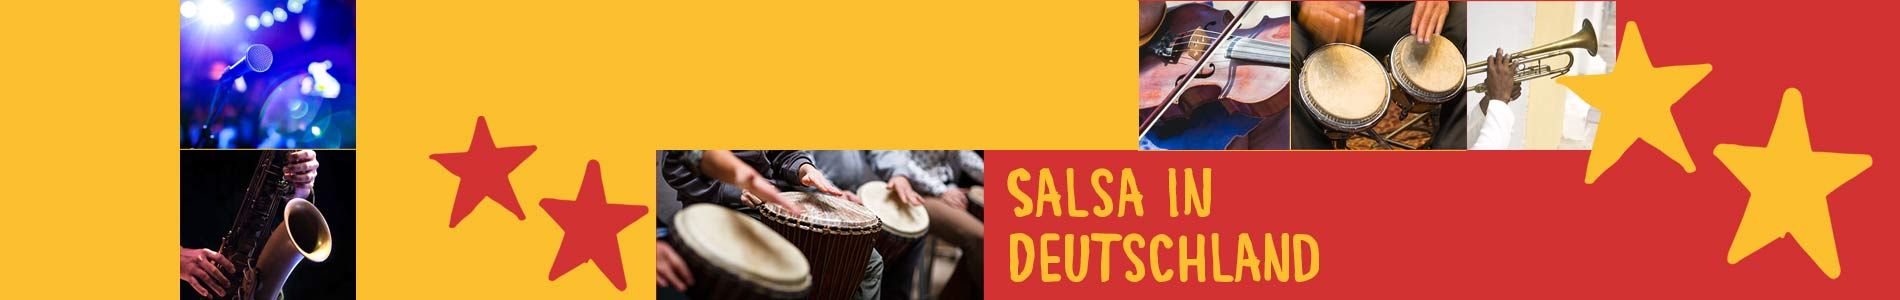 Salsa in Bücken – Salsa lernen und tanzen, Tanzkurse, Partys, Veranstaltungen